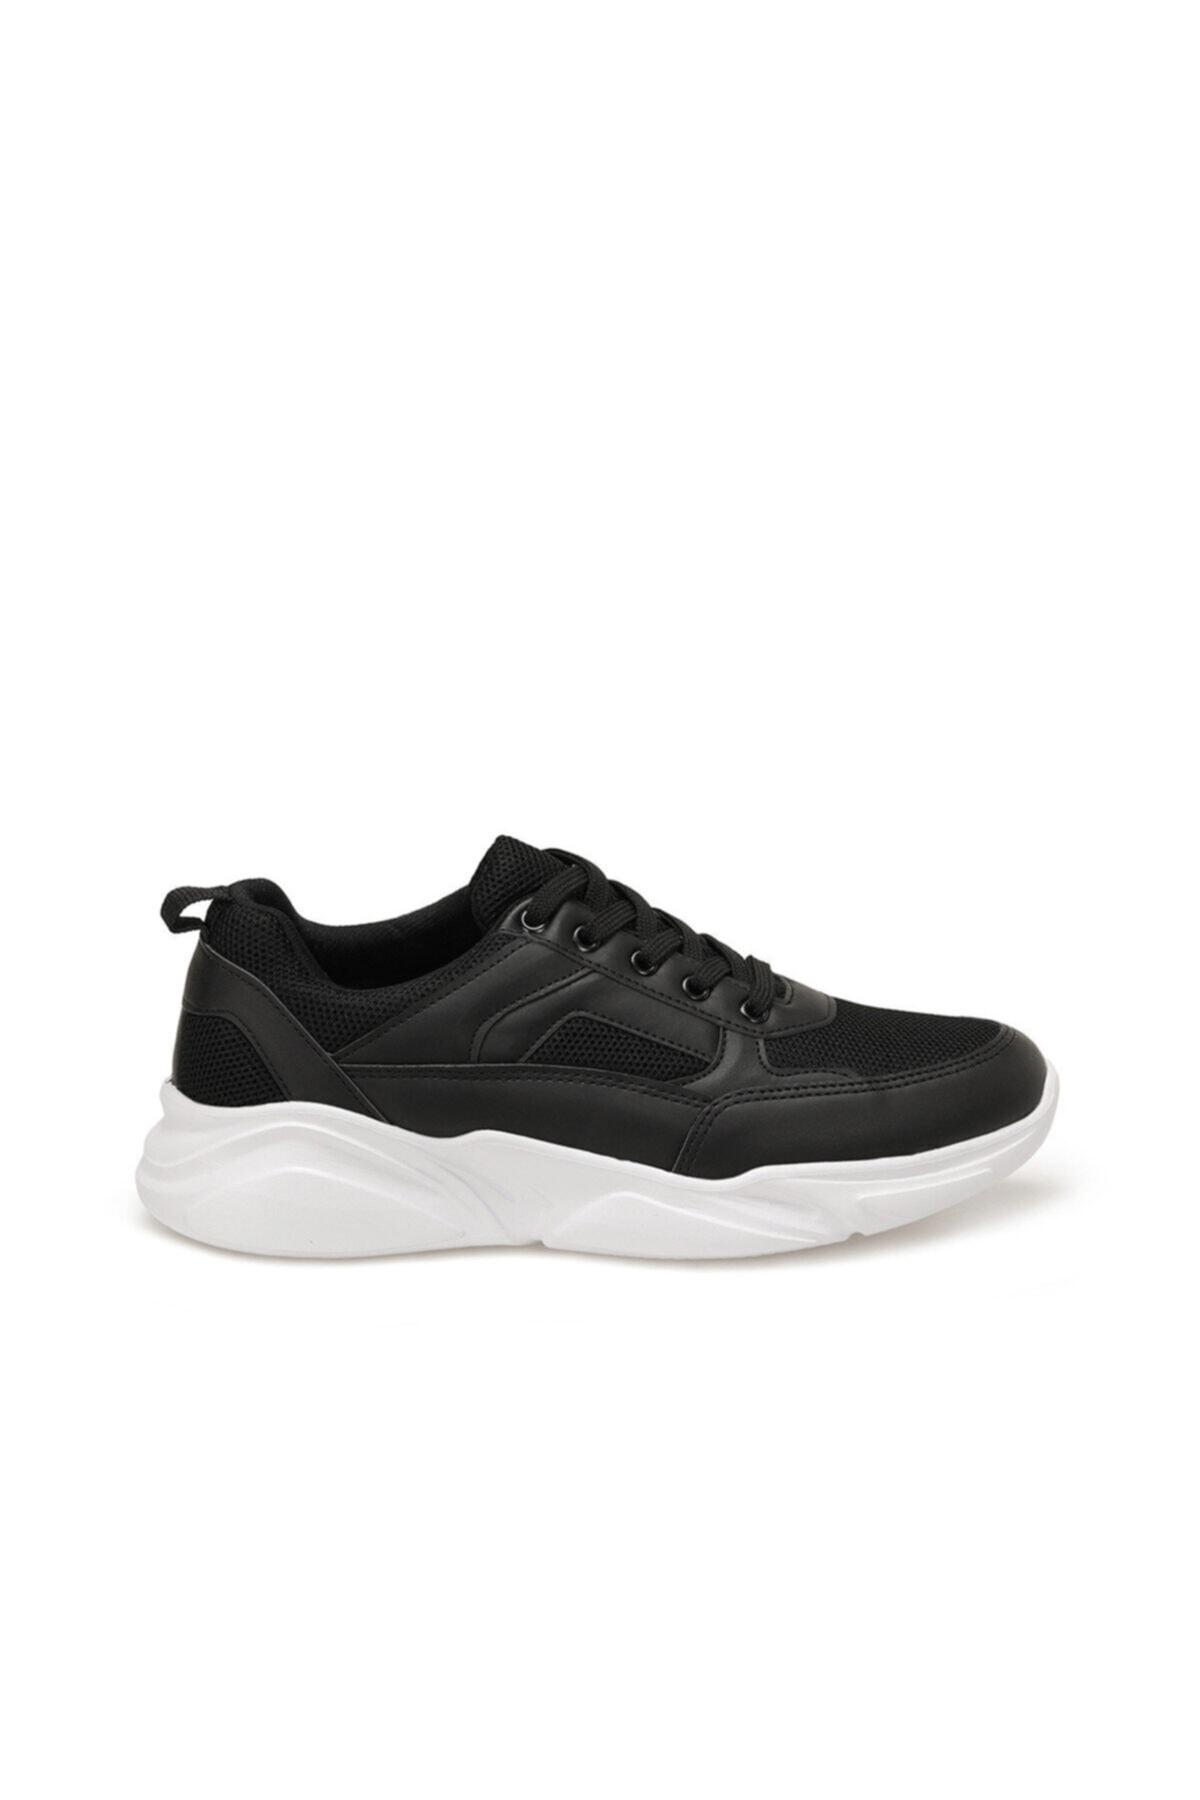 FORESTER EC-1062 Siyah Erkek Ayakkabı 100578440 2